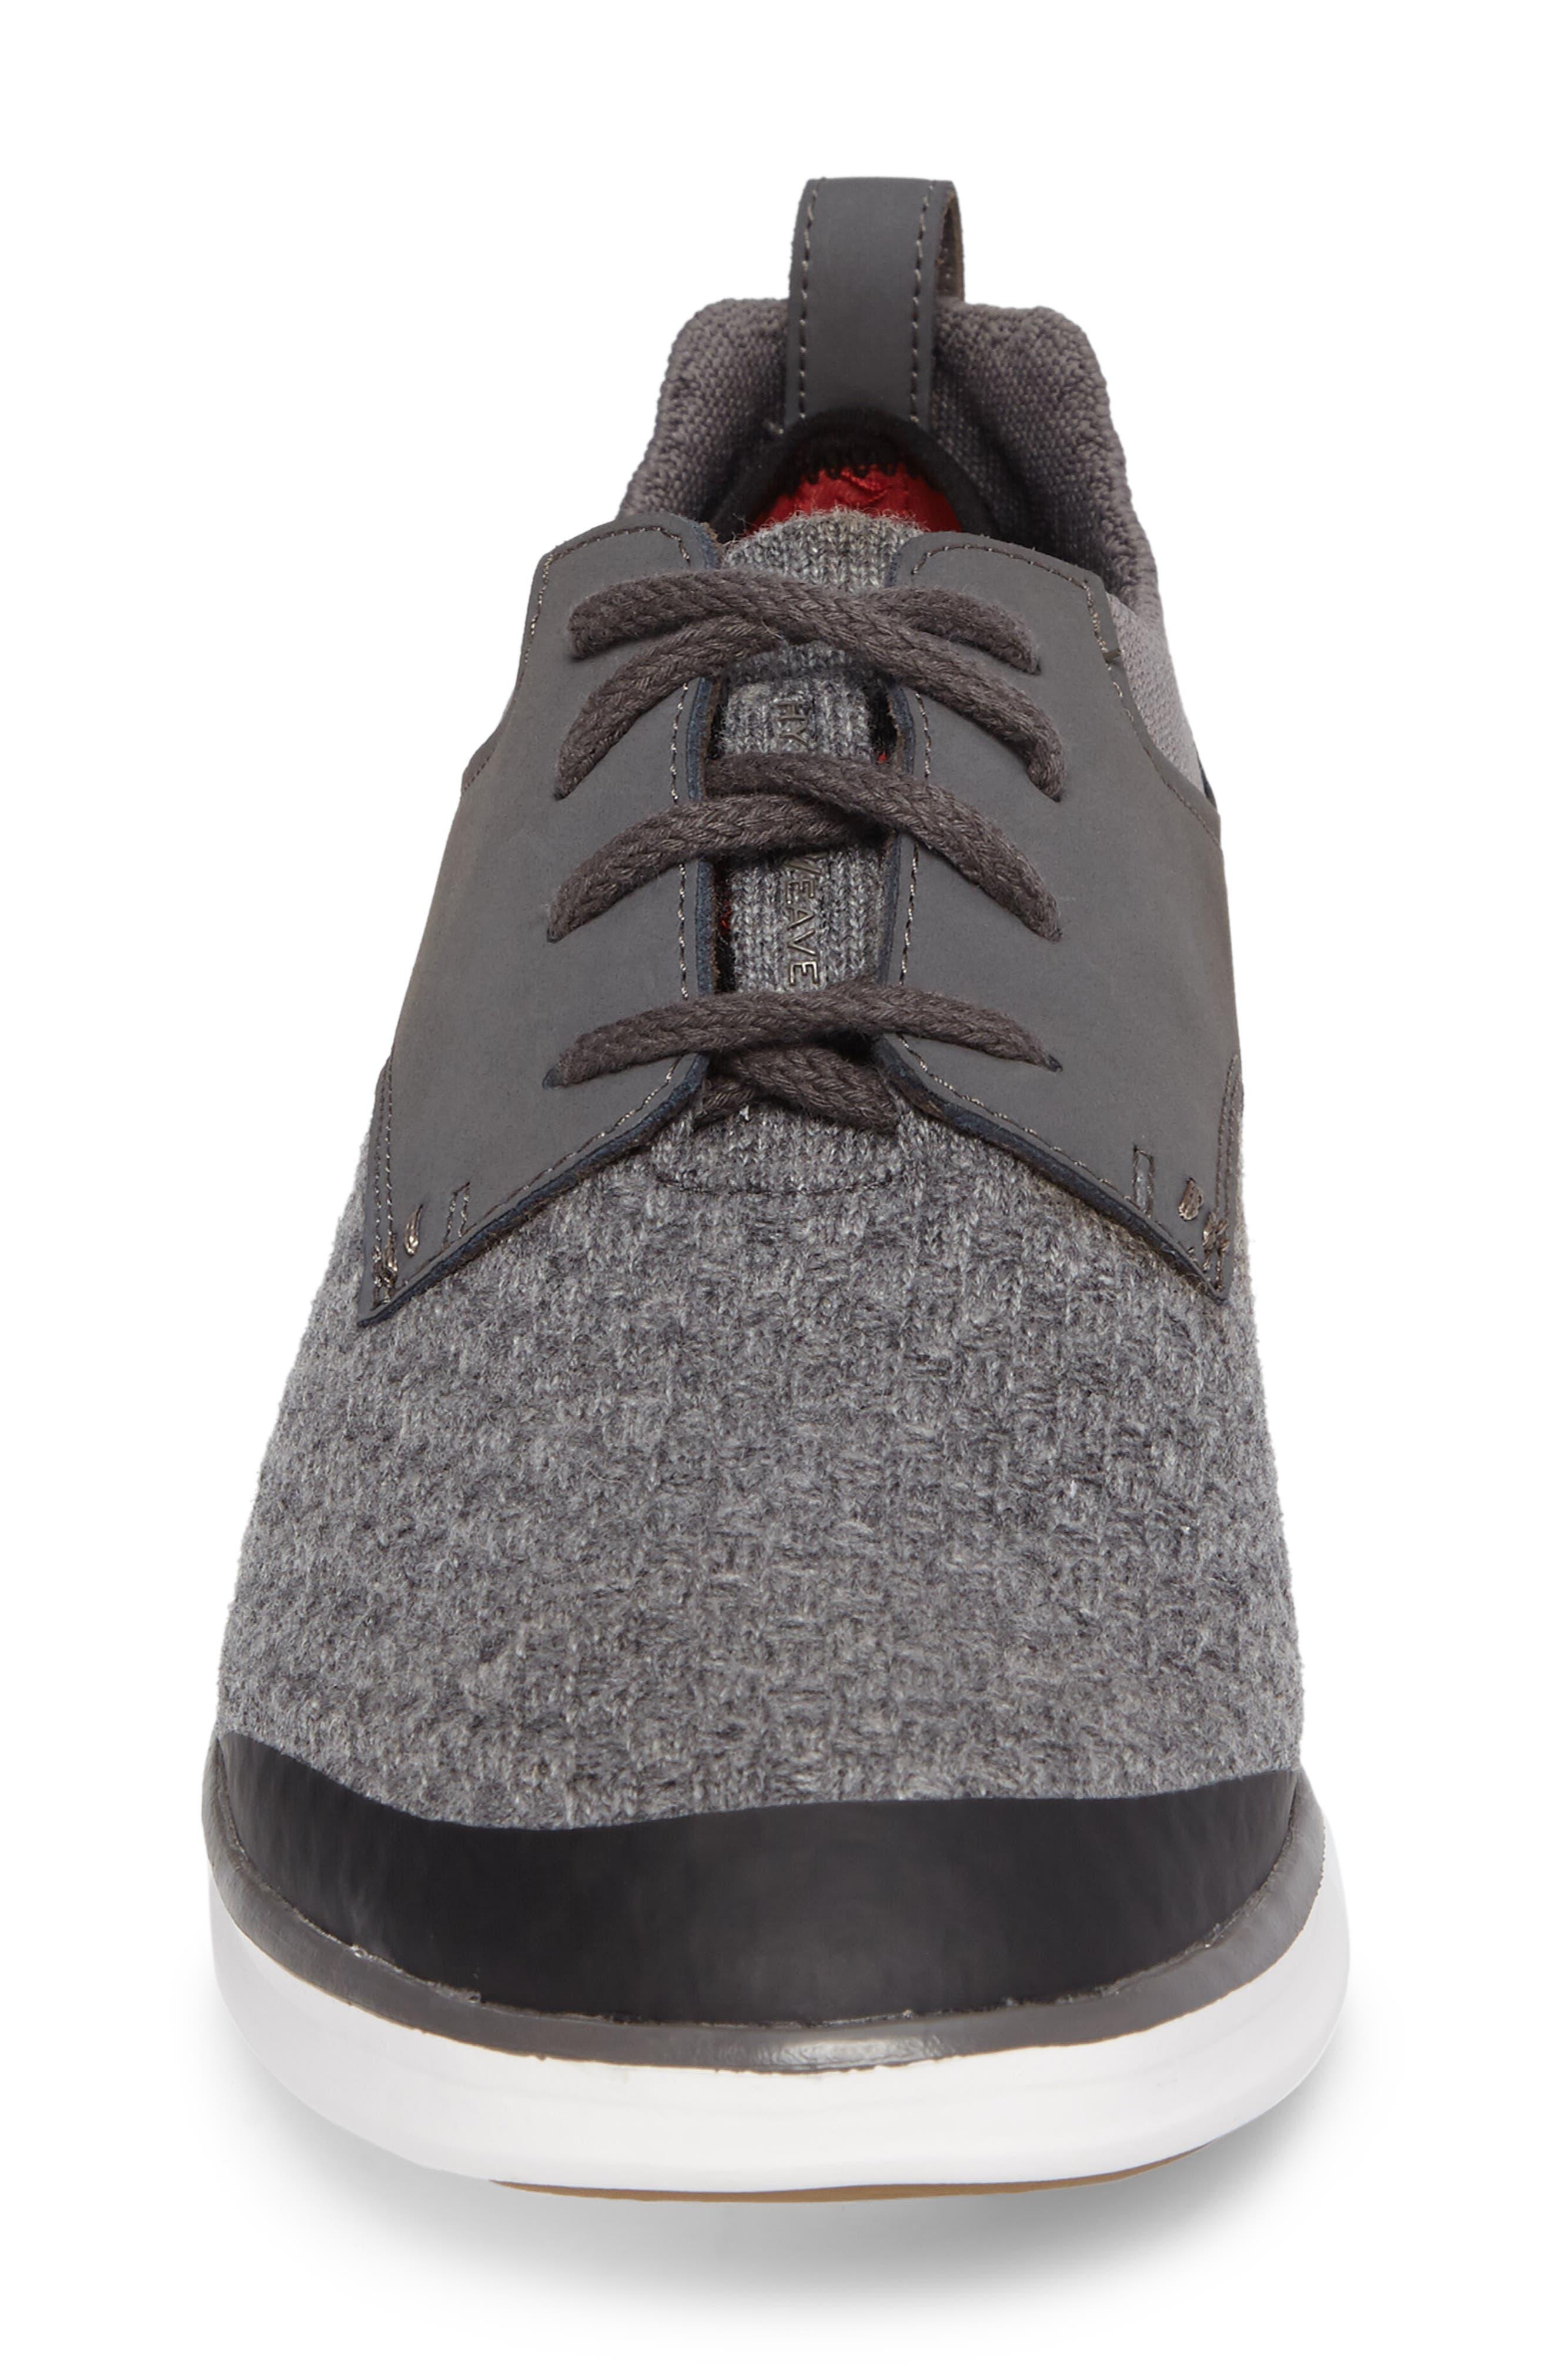 Hepner HyperWeave Sneaker,                             Alternate thumbnail 4, color,                             Dark Charcoal